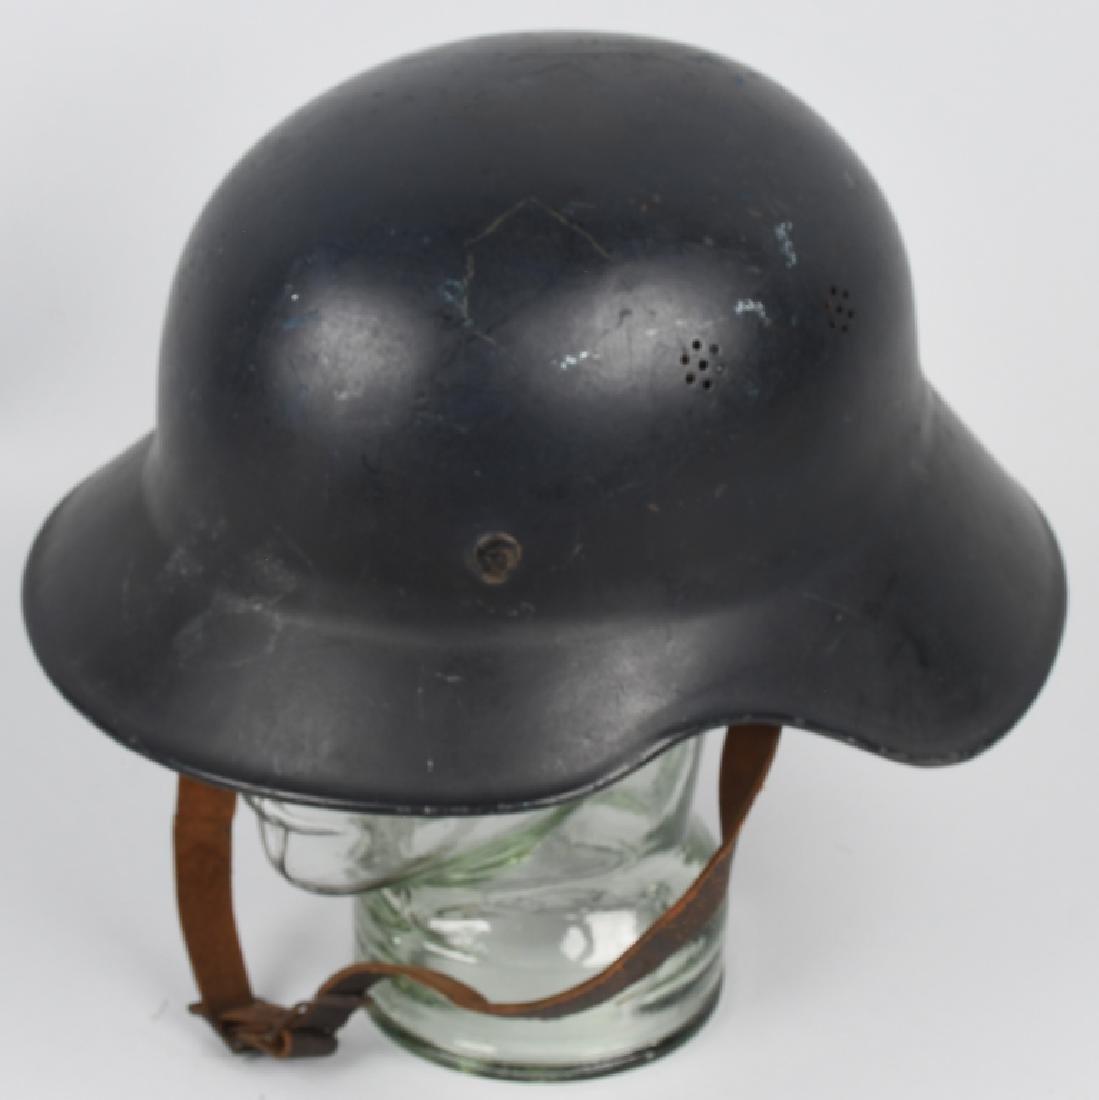 WWII NAZI GERMAN RLB LUFTSCHUTZ GLADIATOR HELMET